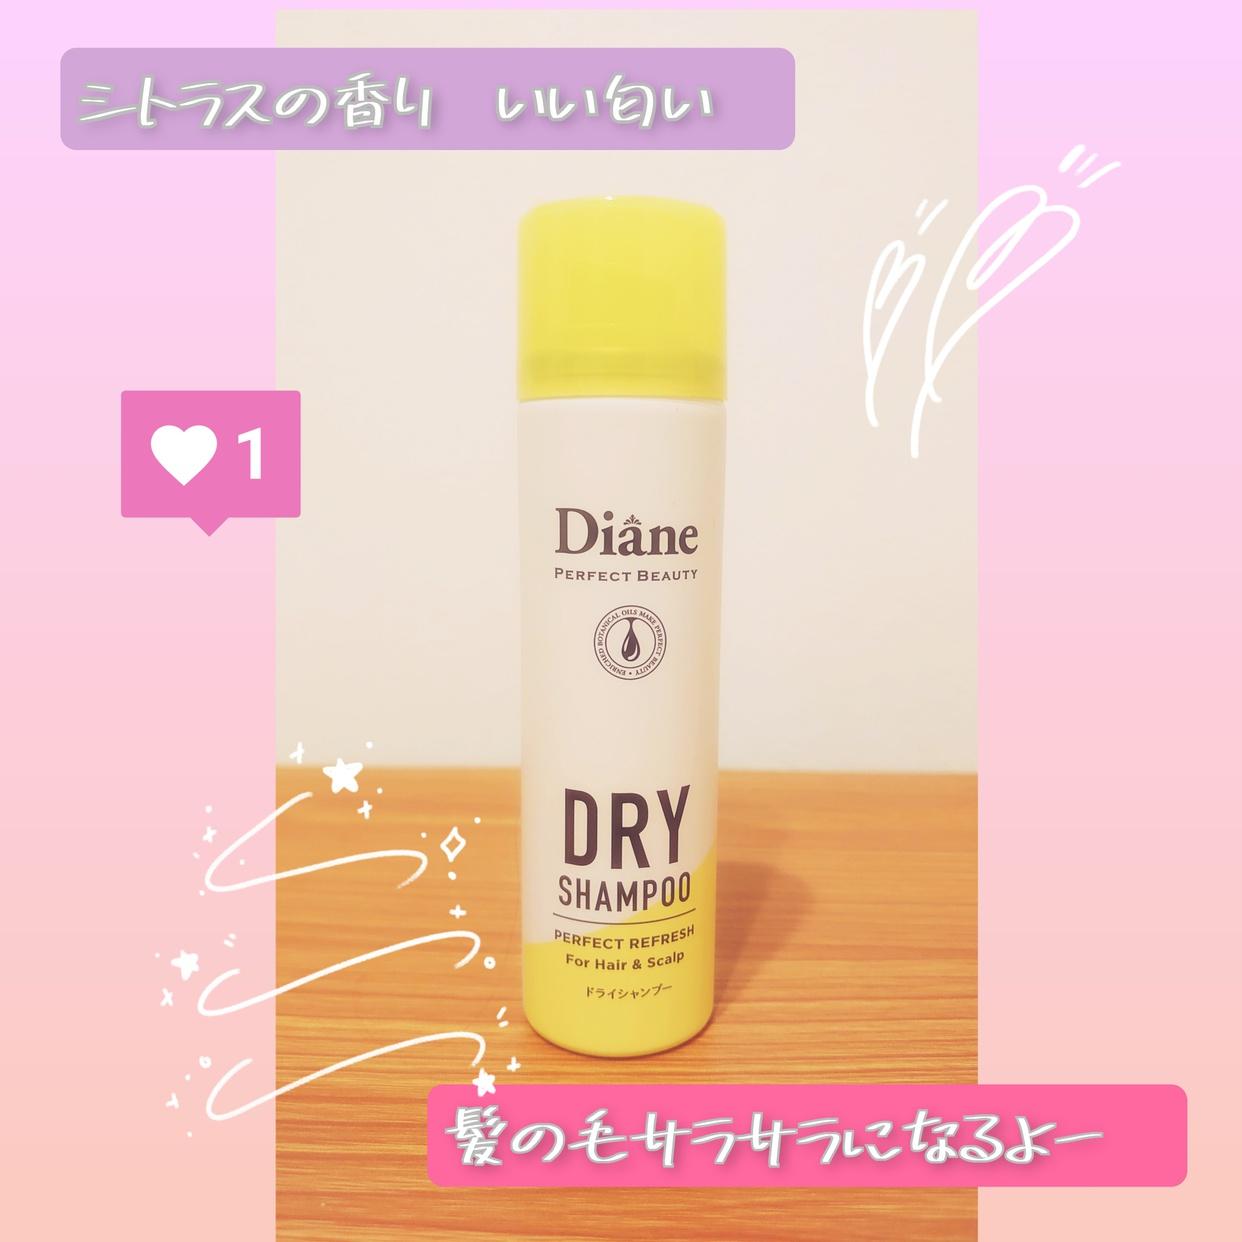 Diane(ダイアン)パーフェクトビューティ ドライシャンプーを使ったorizou_comさんのクチコミ画像1